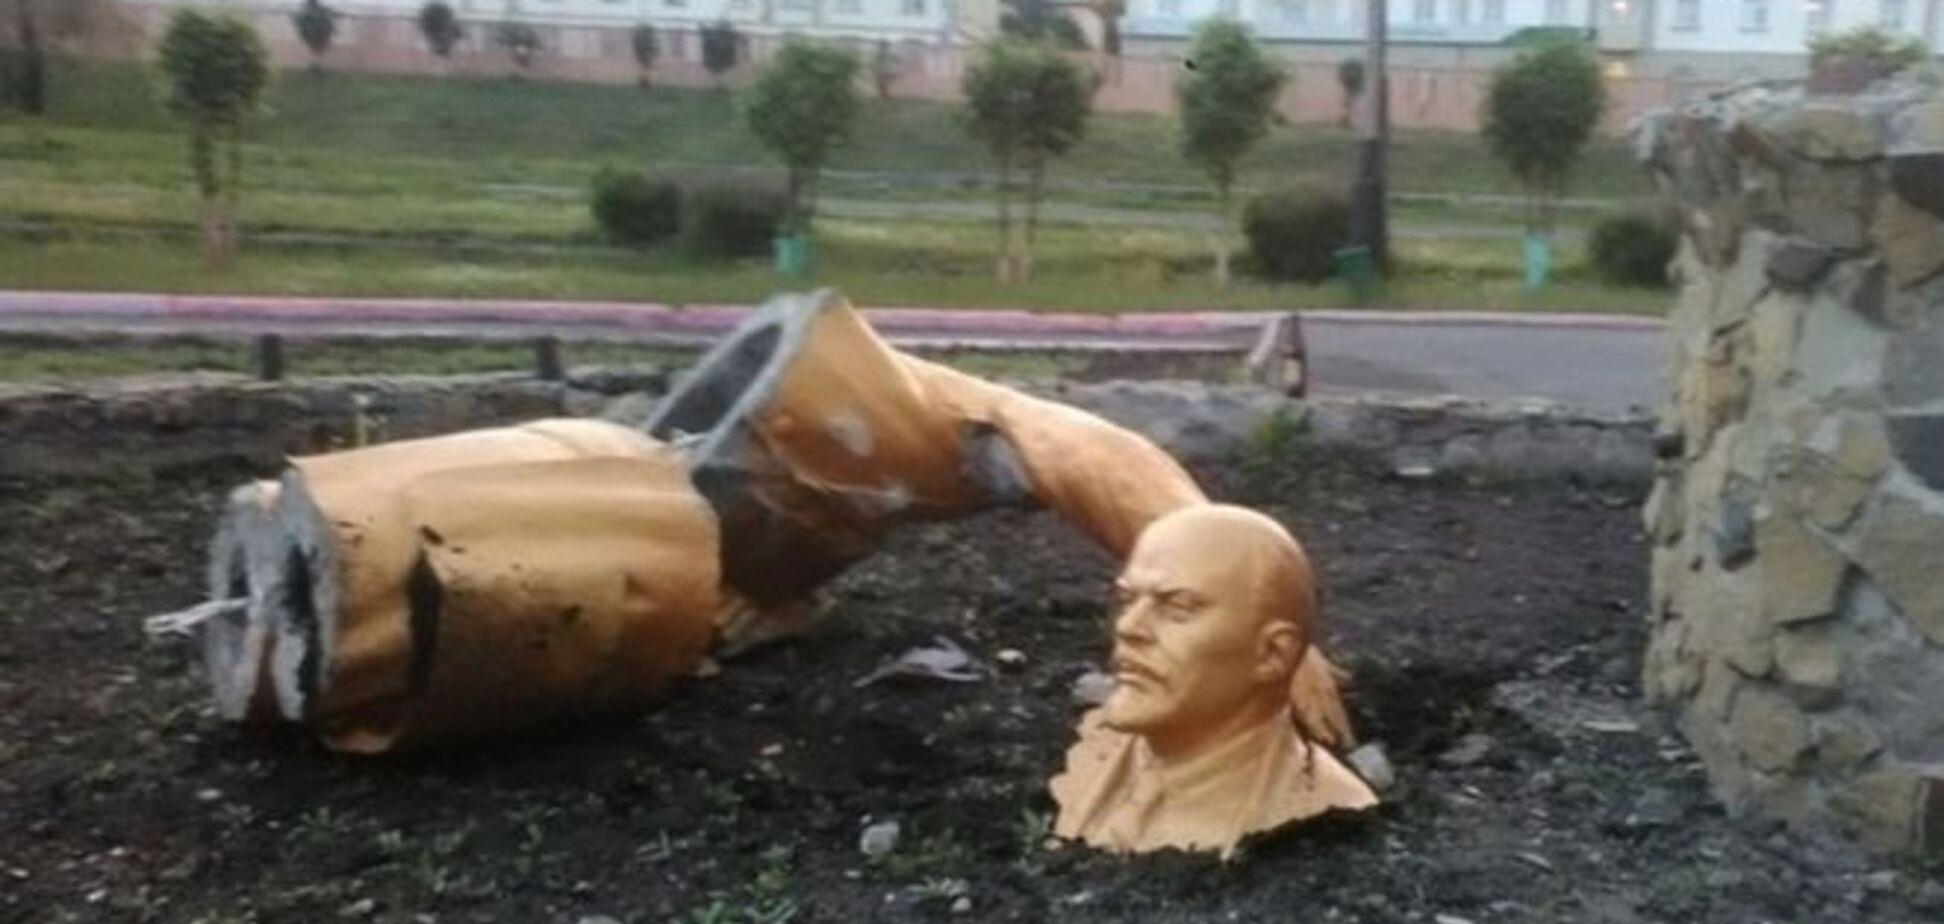 В России пьяный мужчина сломал памятник Ленину, пытаясь сделать селфи